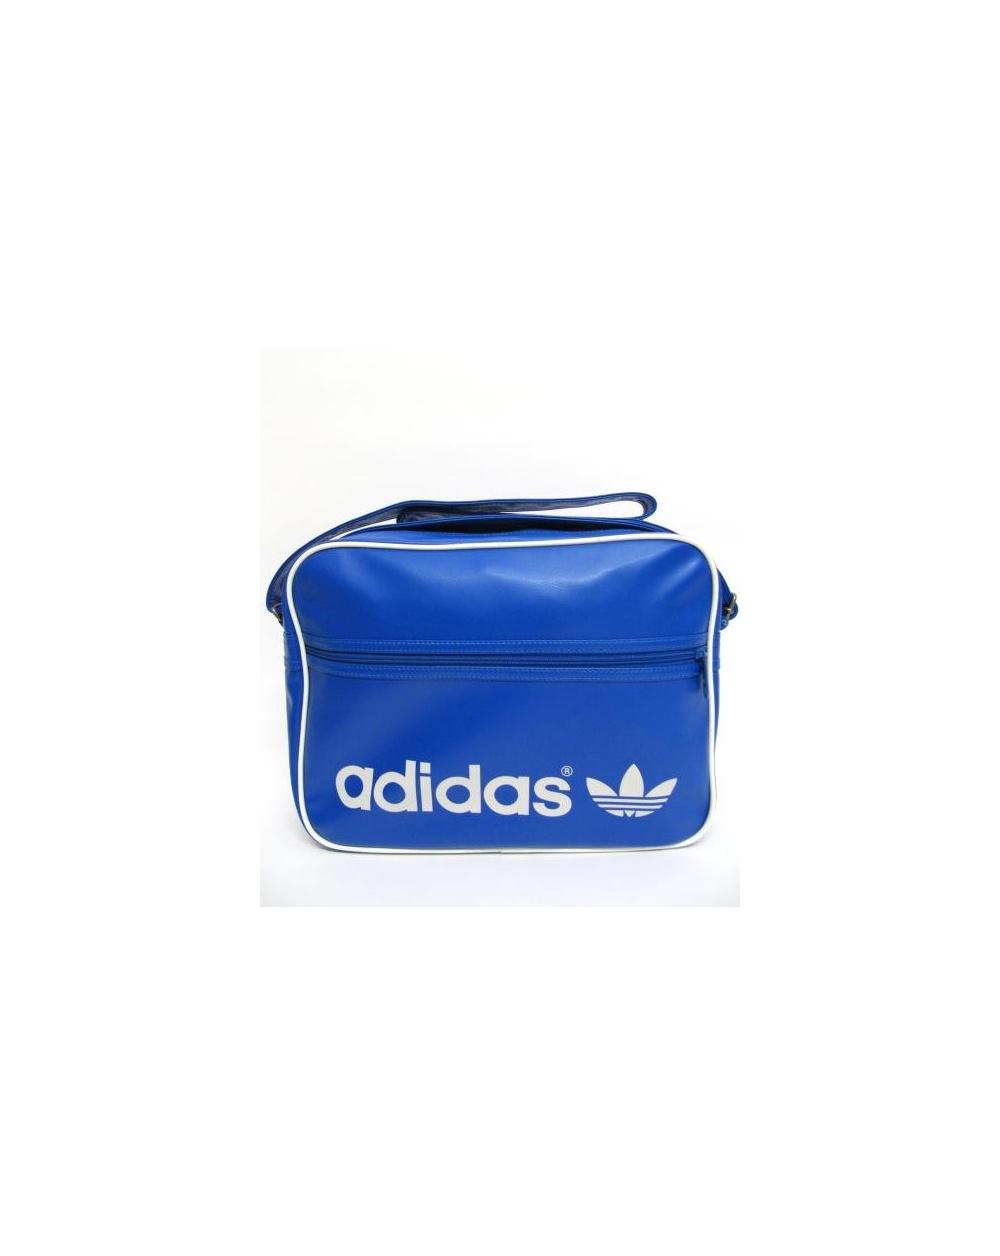 6b4ae1579a adidas airliner shoulder bag off 60% - www.espace-emeraude-dupont.com